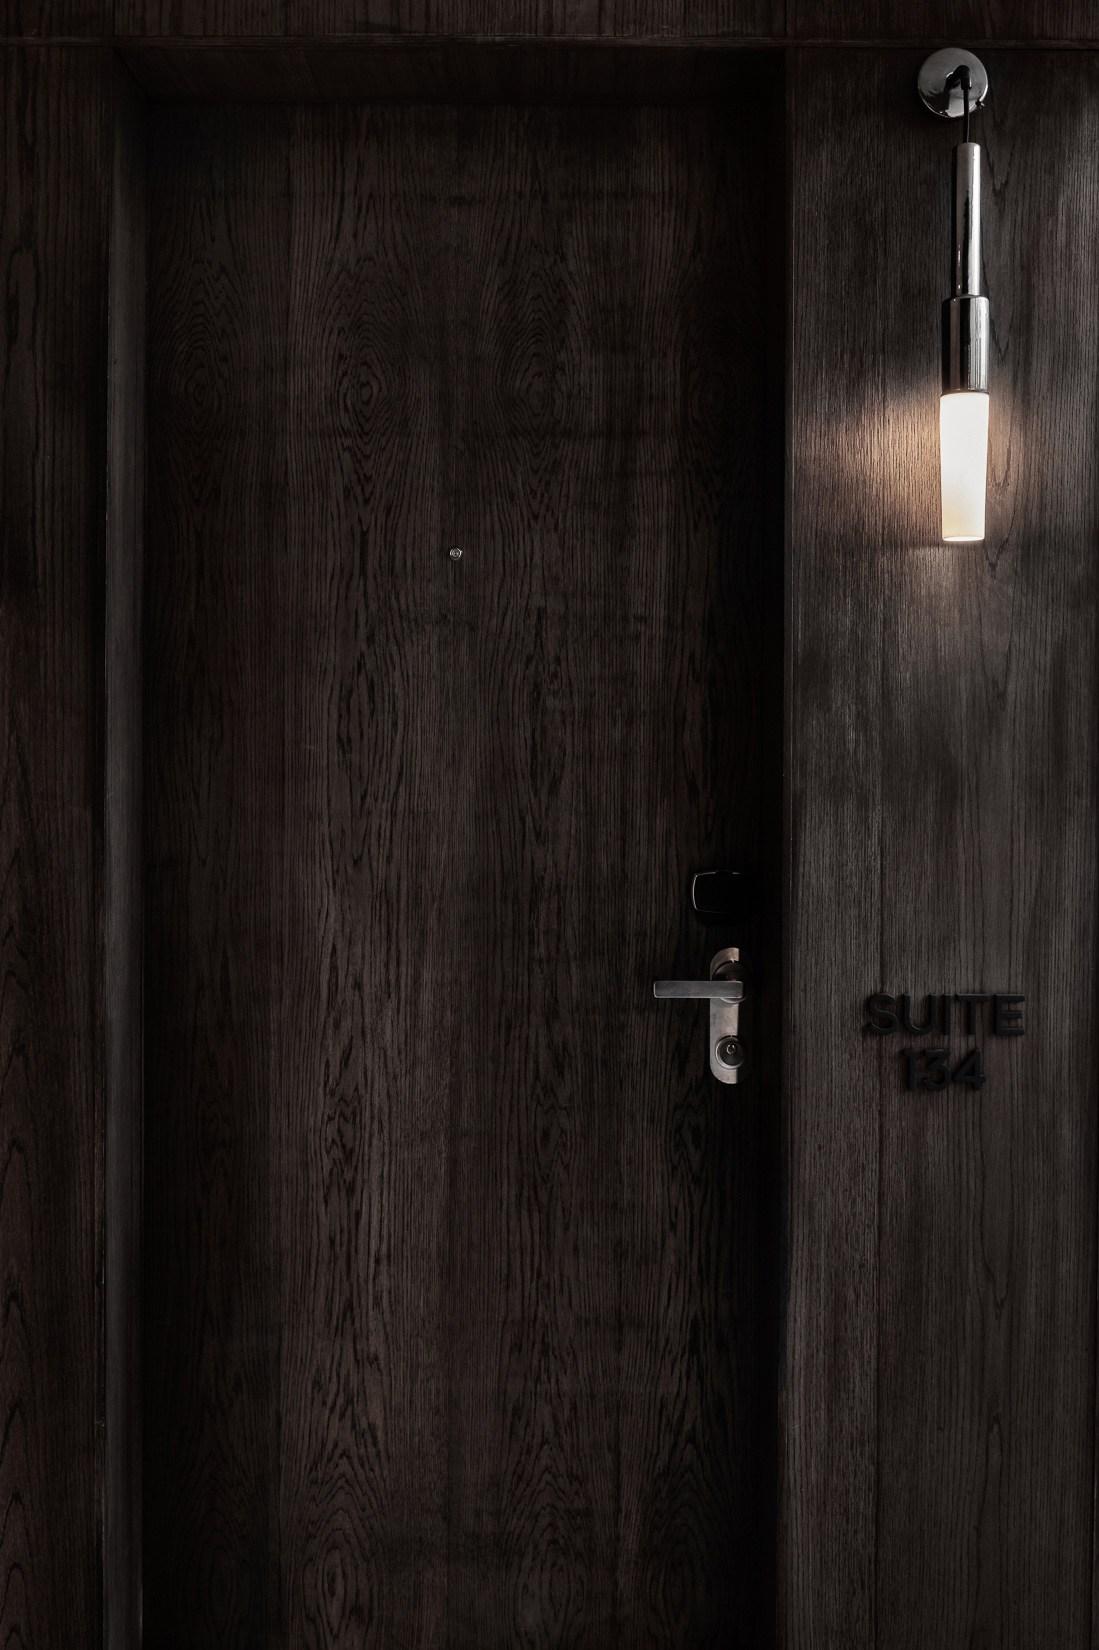 Mitchelton-Winery-Hotel-in-Nagambie-Hecker-Guthrie-Tom-Blachford-19.jpg